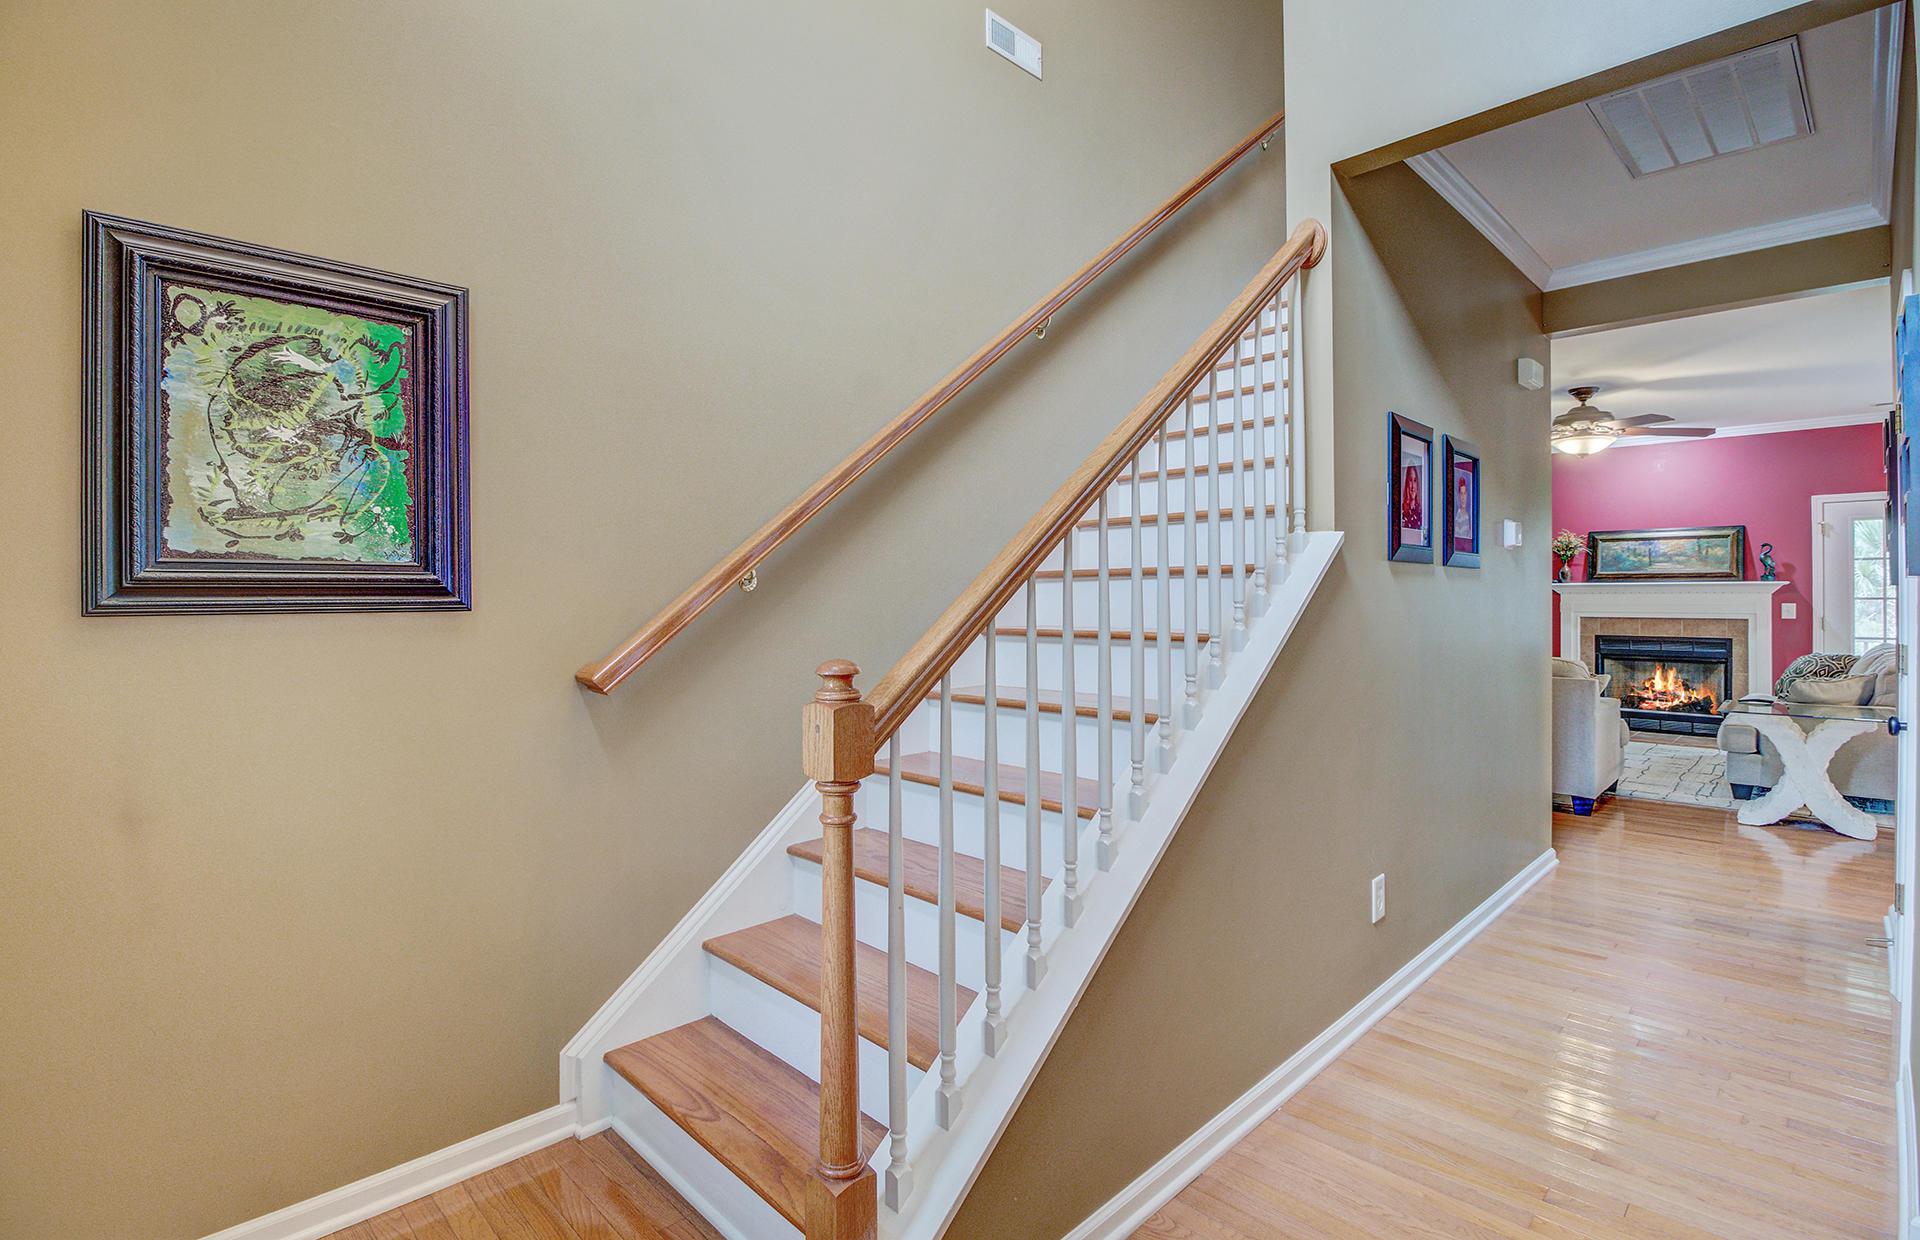 Park West Homes For Sale - 3120 Sonja, Mount Pleasant, SC - 18